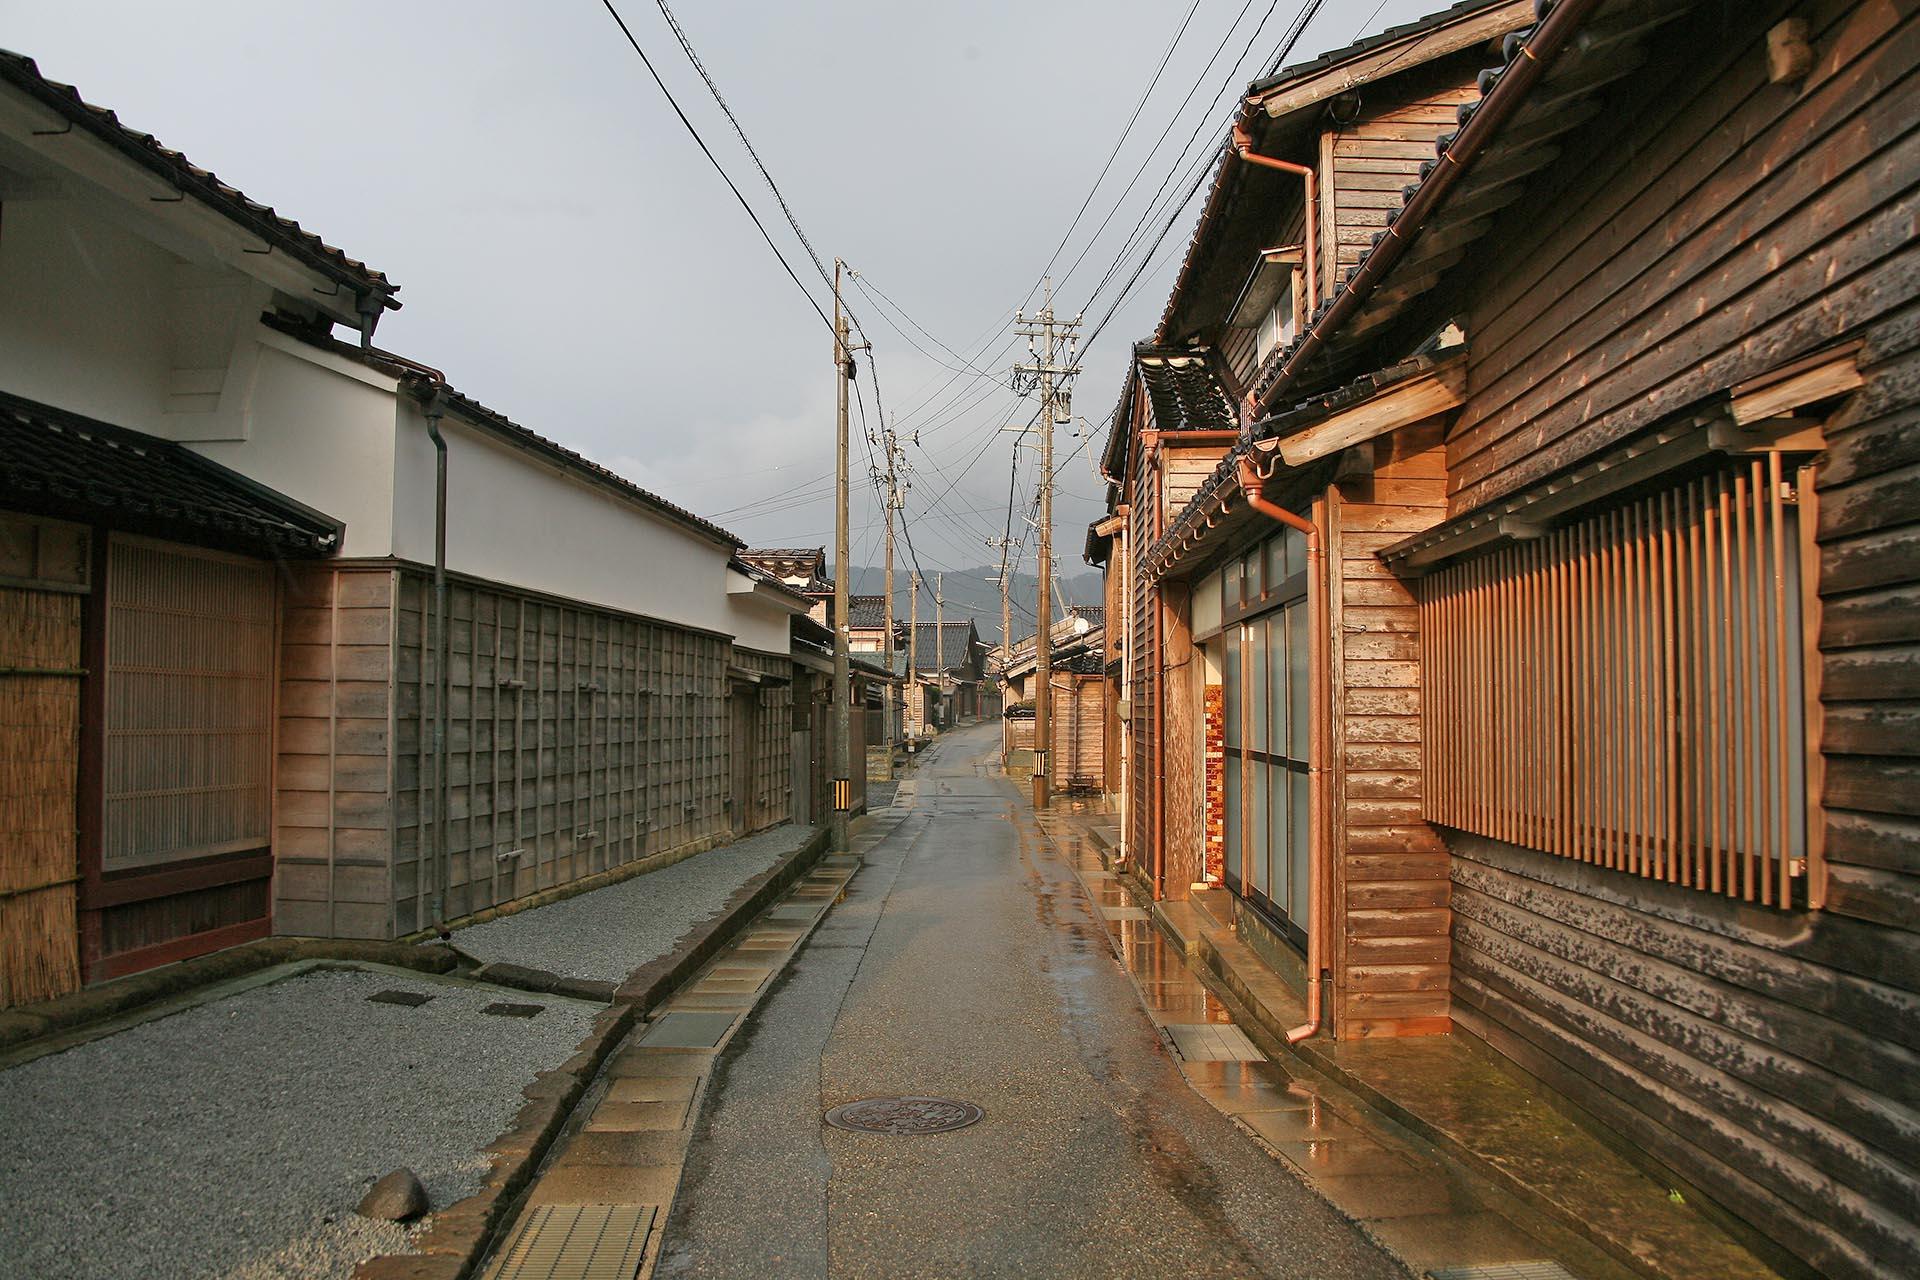 日本の伝統的な町並み 輪島門前町の黒島地区 石川の風景